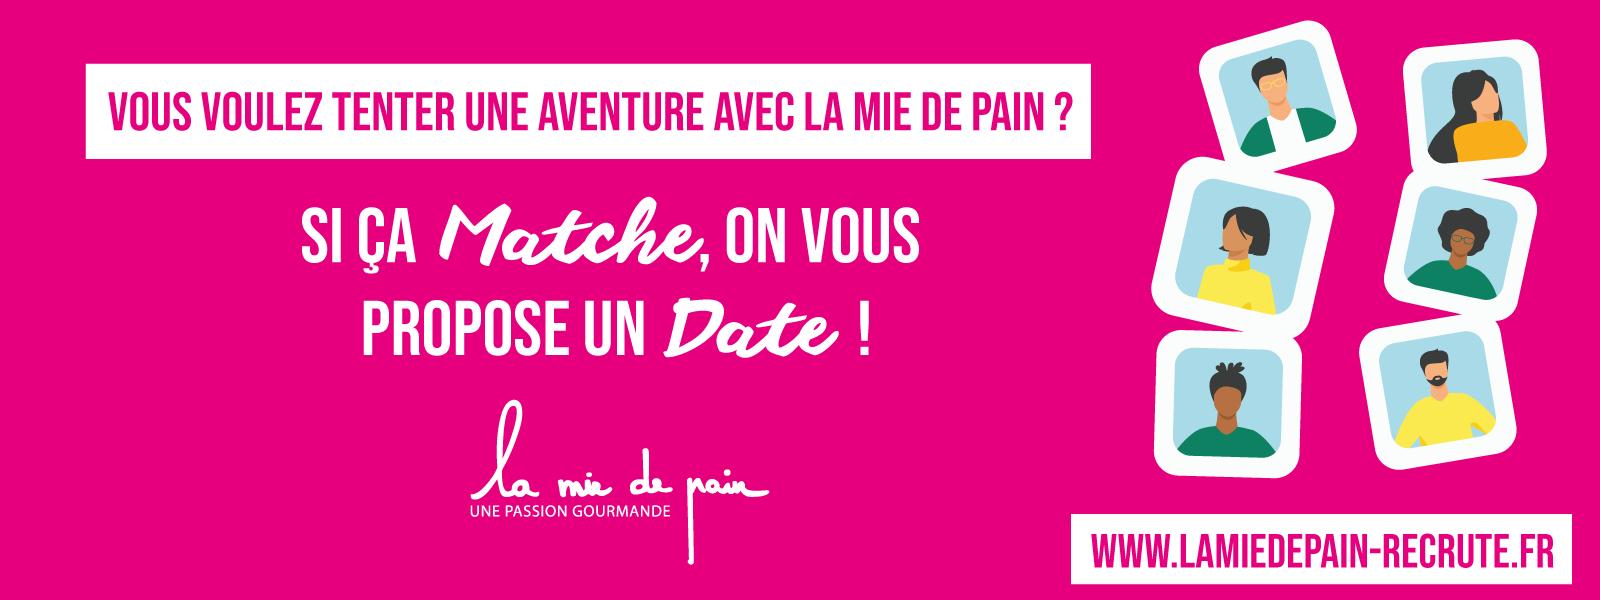 la-mie-de-pain-recrute-message-1600x600px